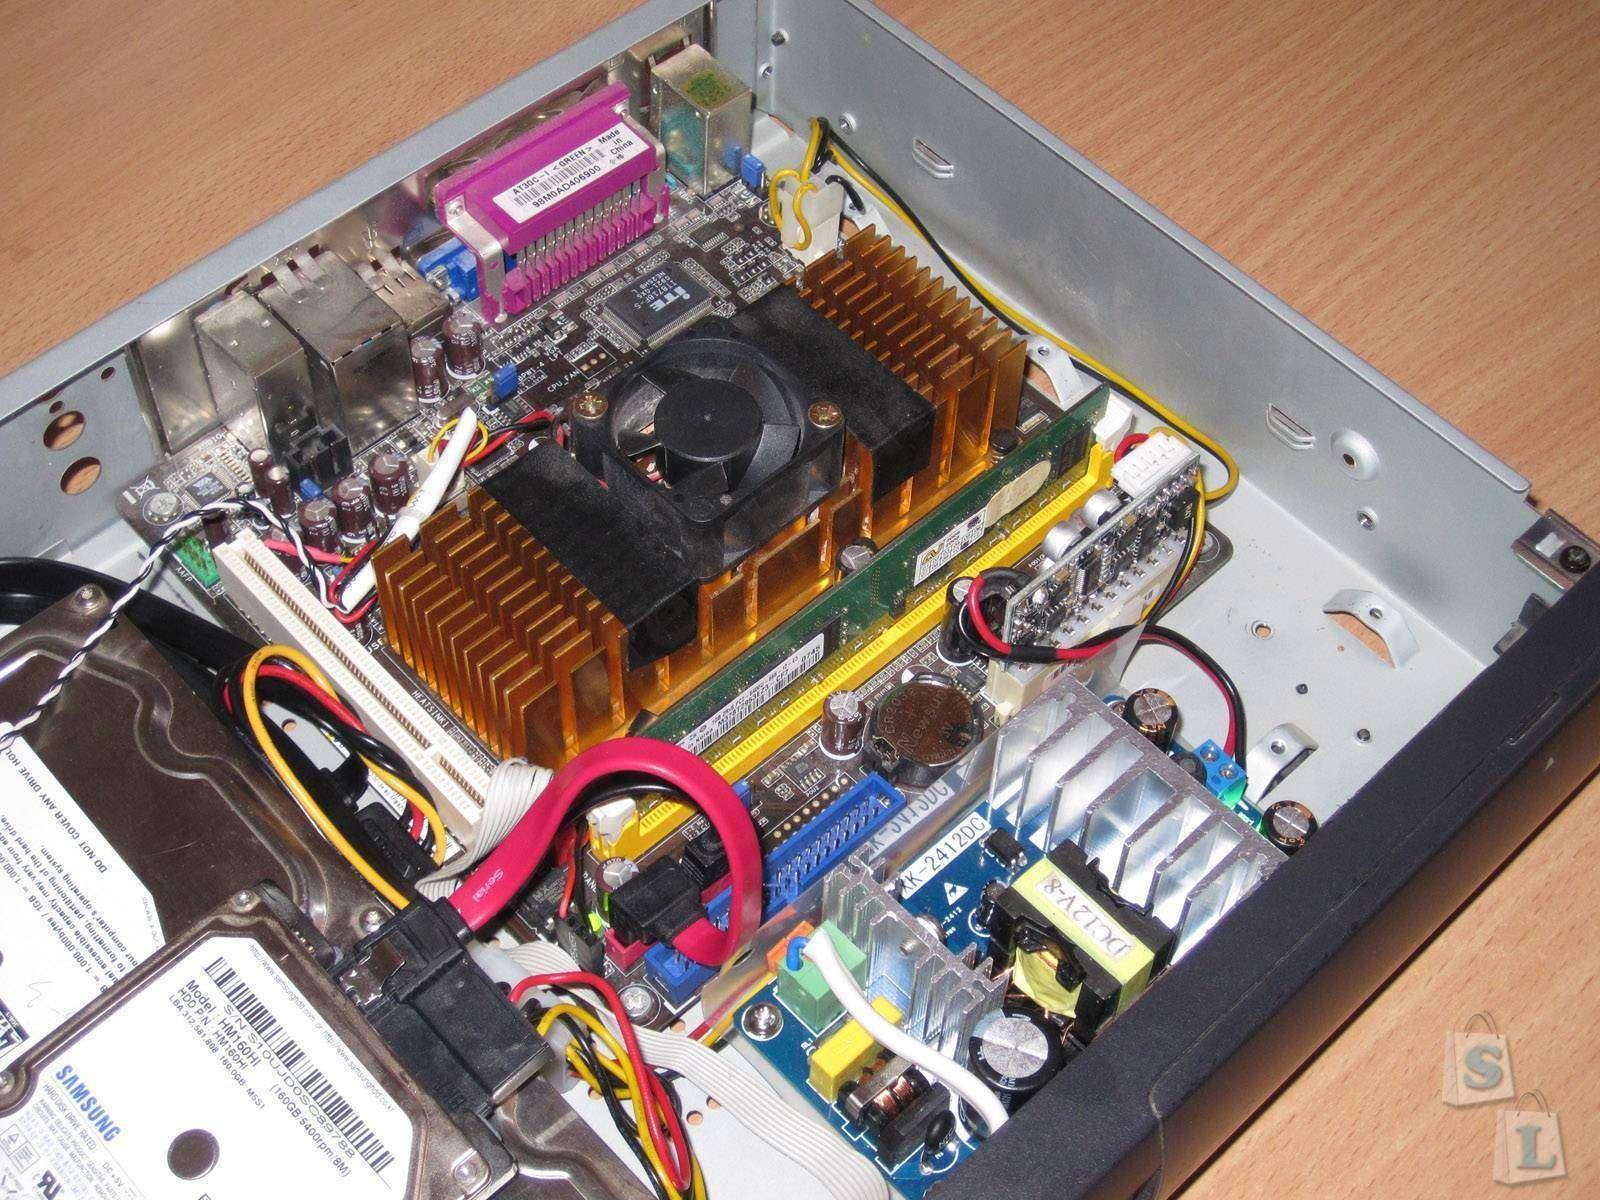 Aliexpress: Многоканальный DC-DC преобразователь Pico PSU ATX и немножко о его применении